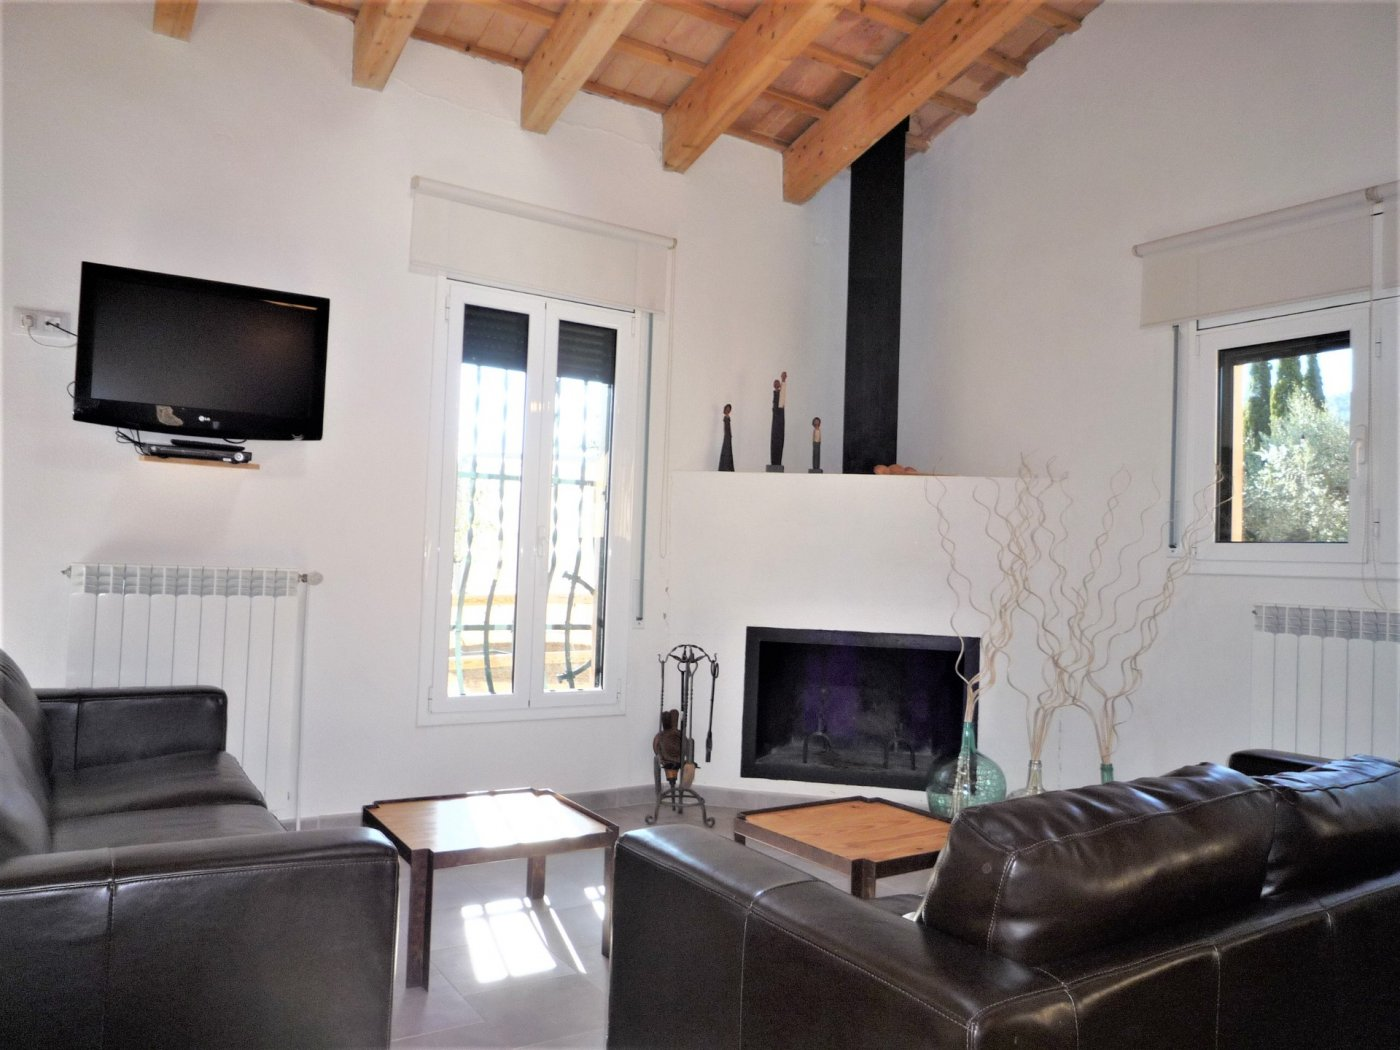 Casa en venta en montblanc - imagenInmueble32